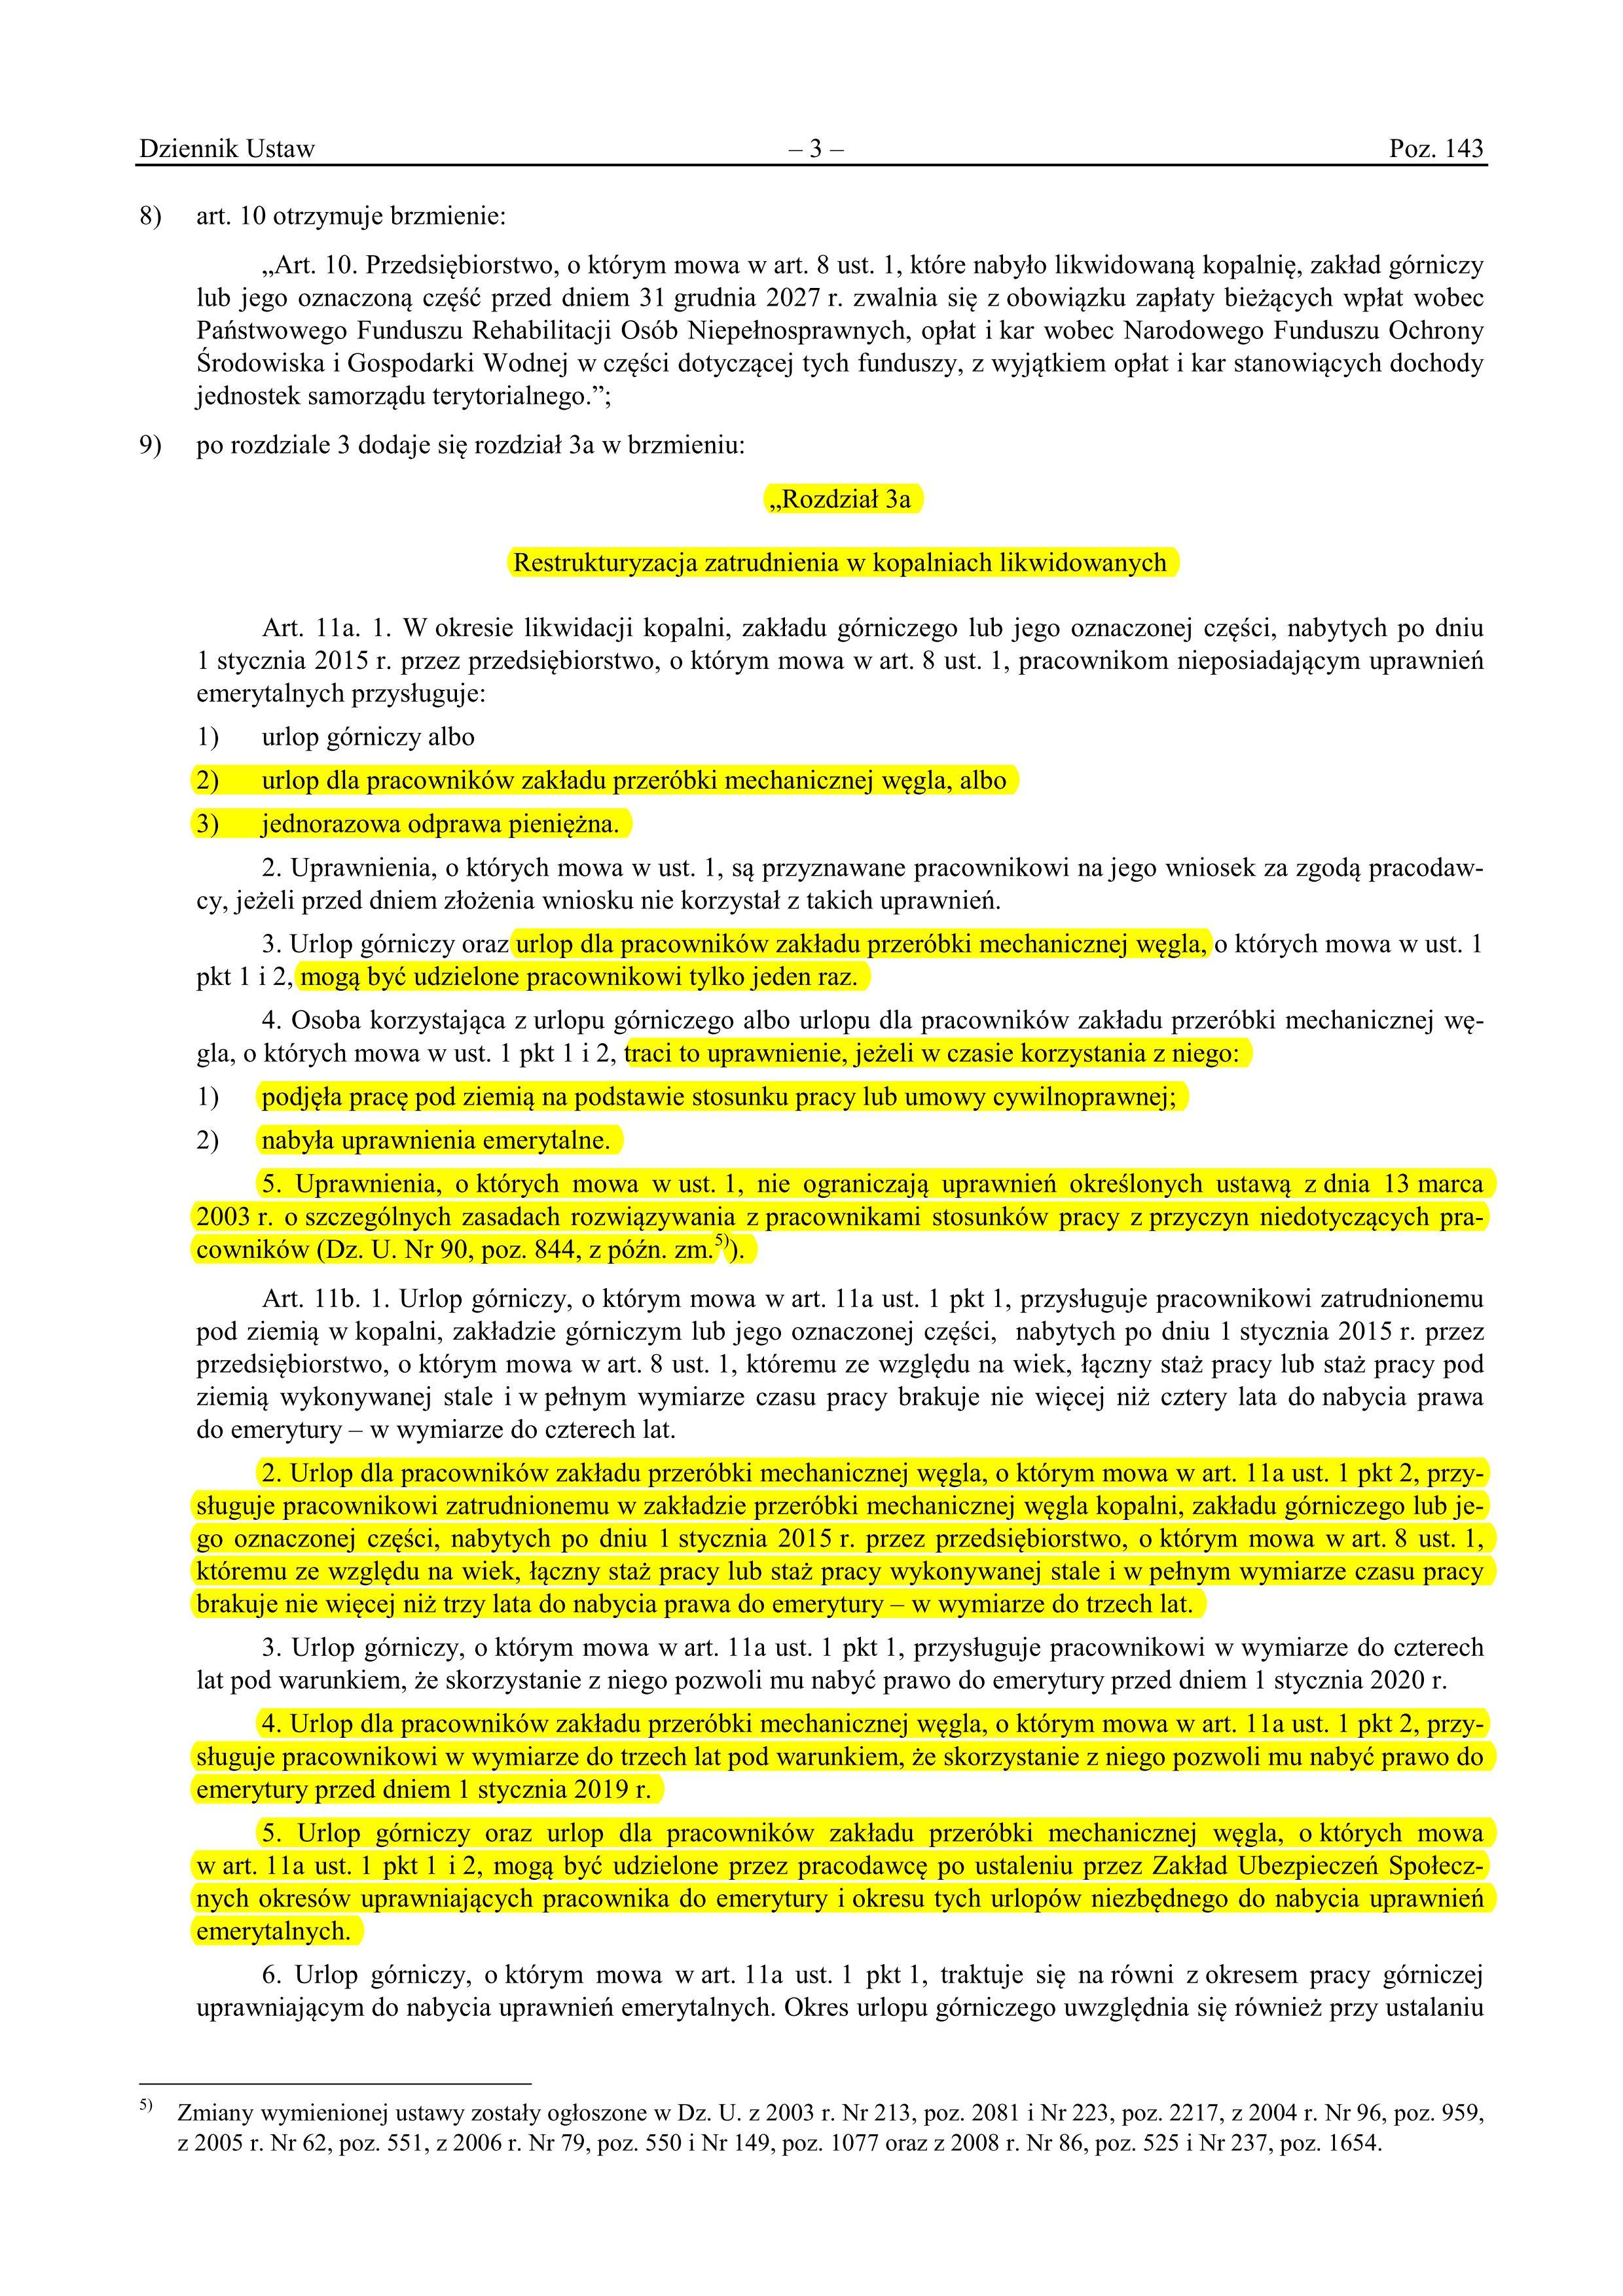 Ustawa-gornicza-wraz-z-zapisami-dla-ZPMW_D20150143_03